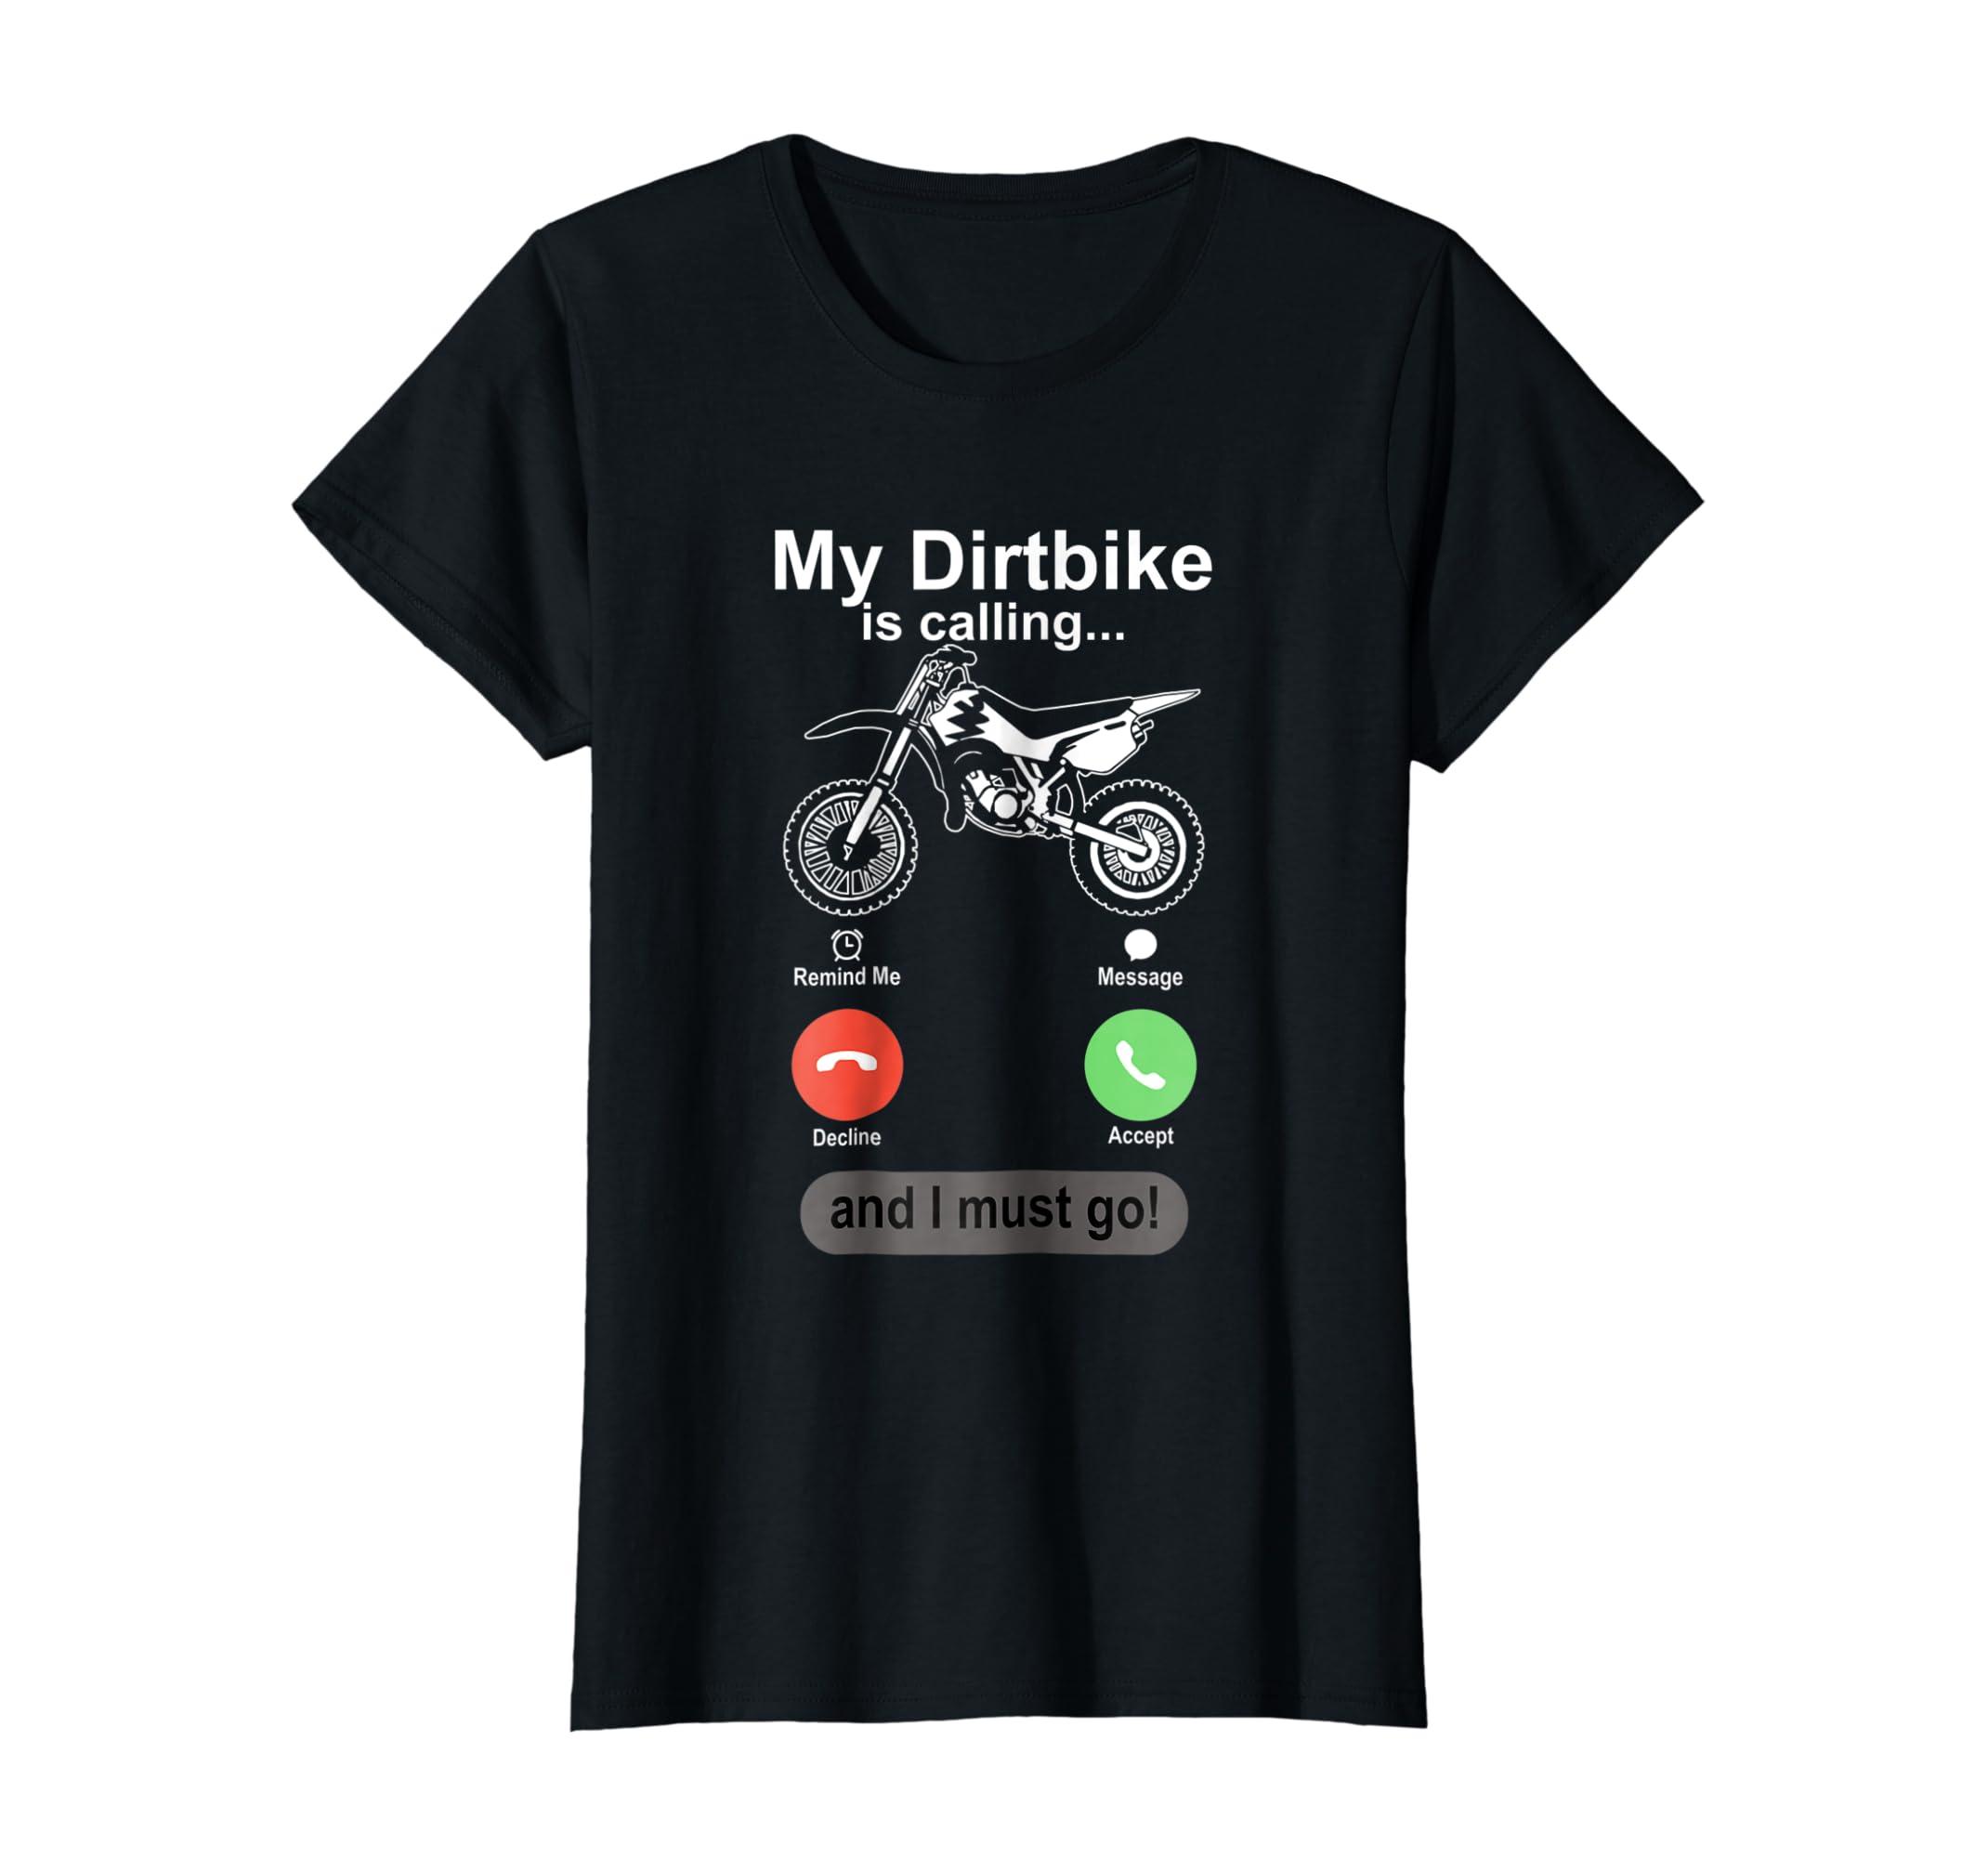 Off Road Motocross Dirt Bike T Shirt Dirtbike Riders Brap-Protee